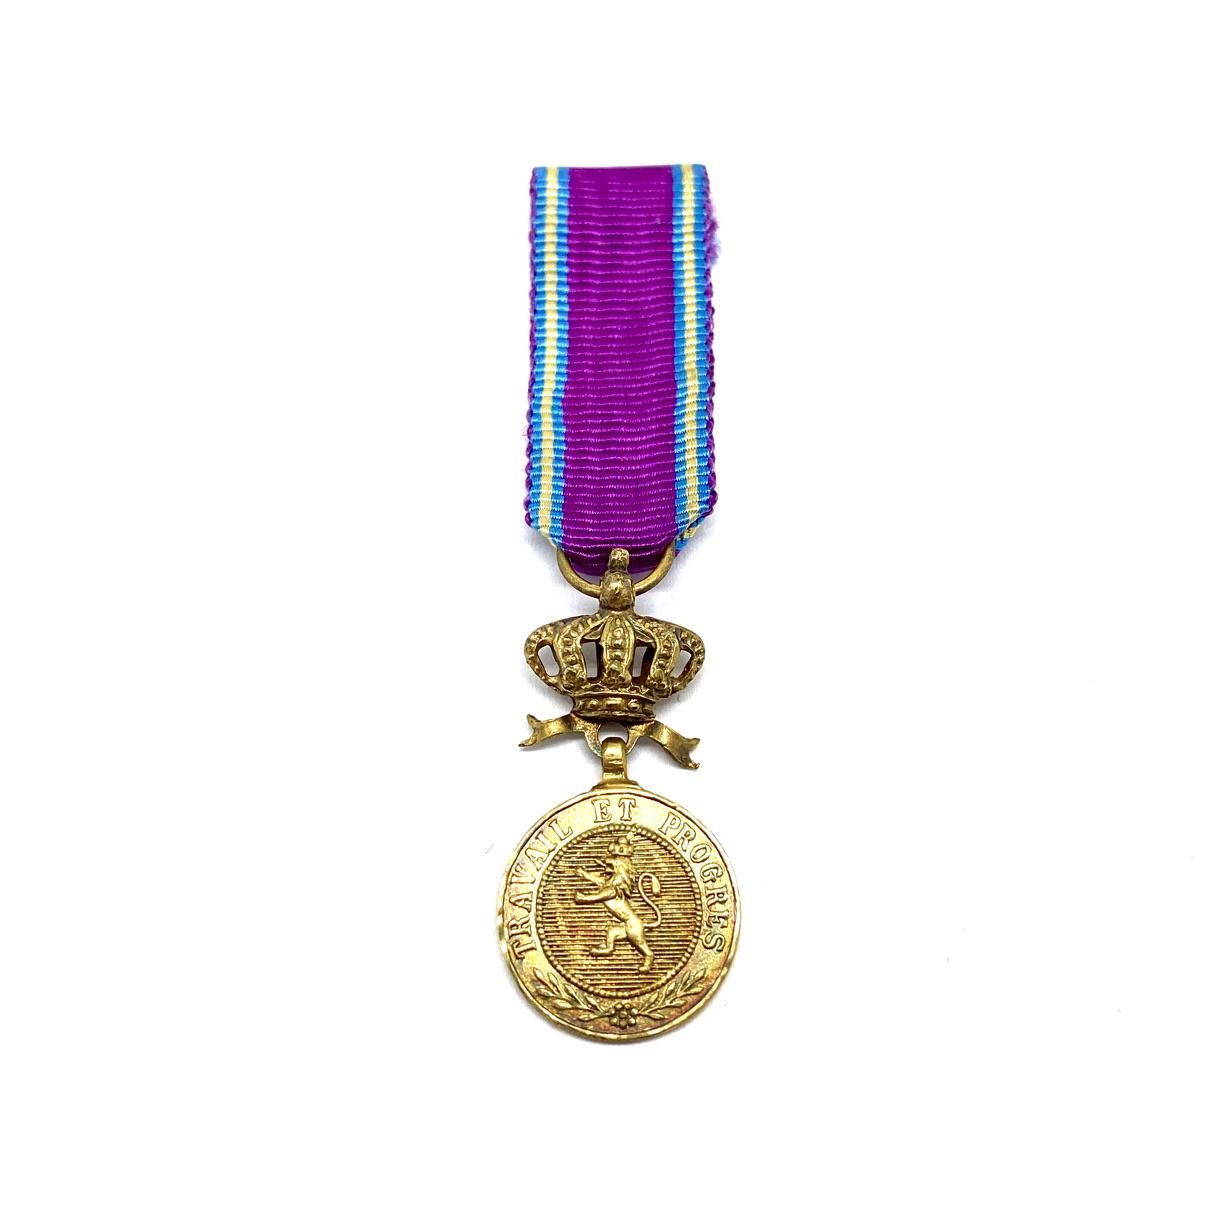 Médaille d'Or de l'Ordre Royal du Lion